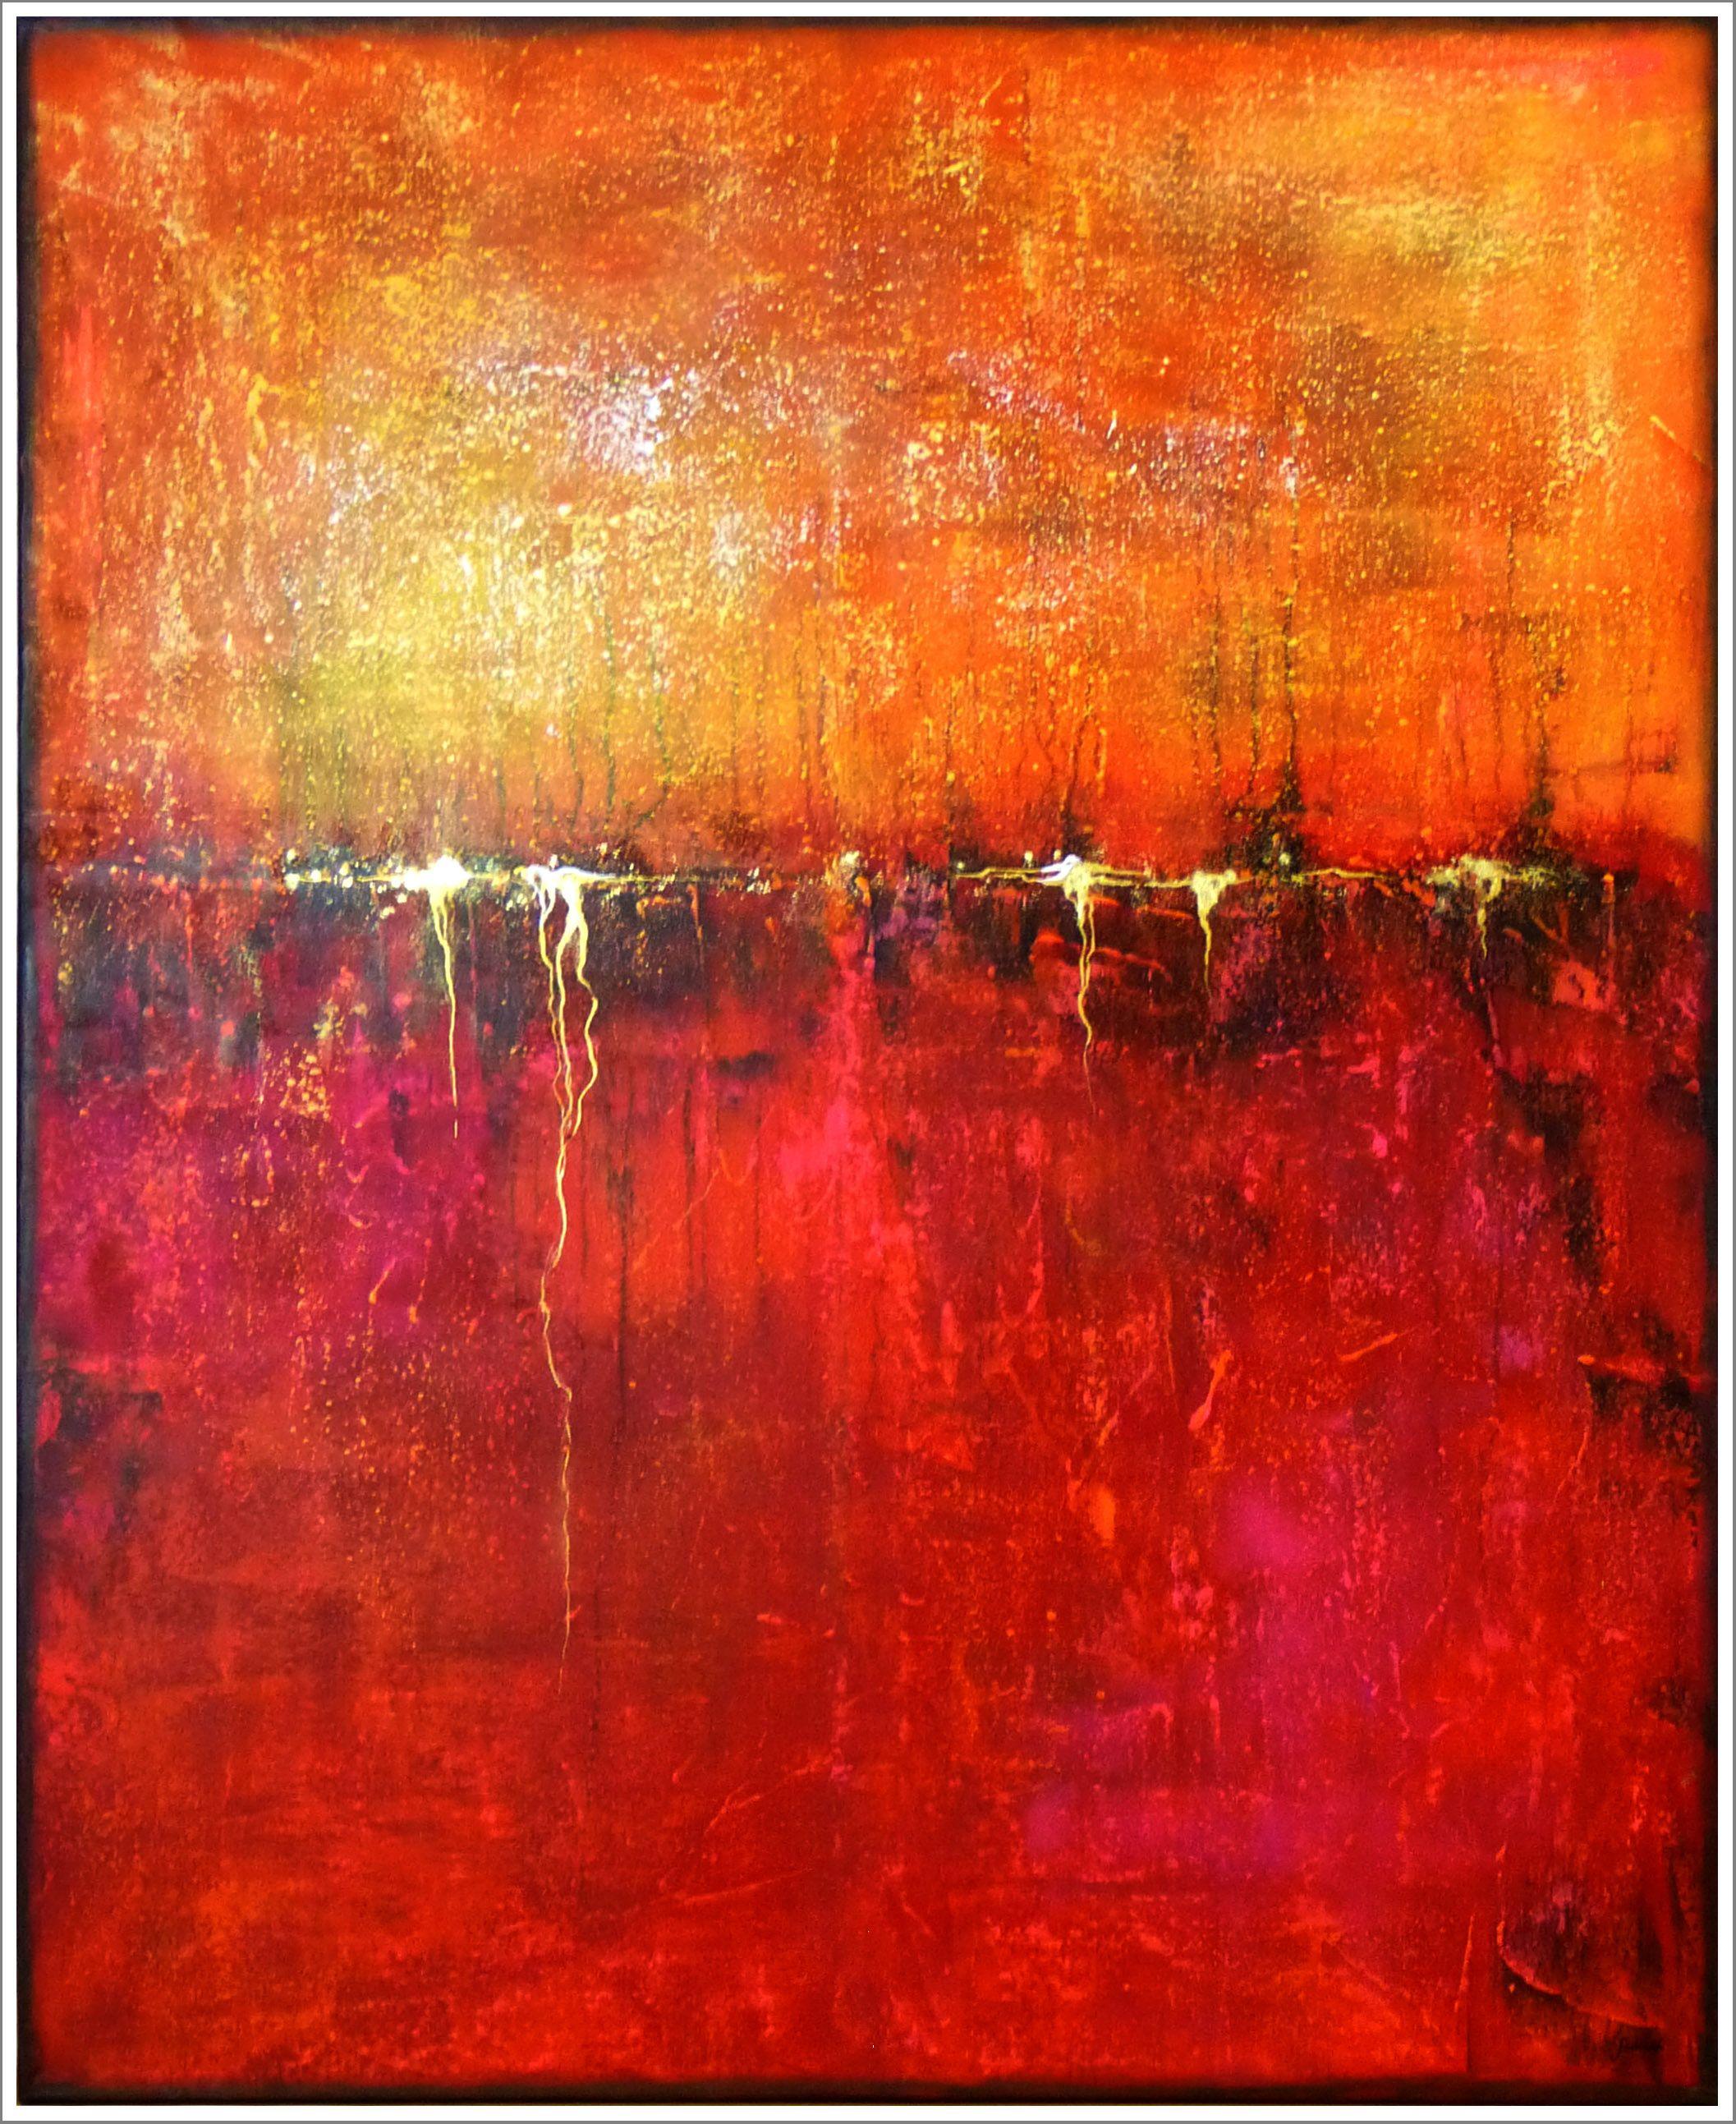 stella hettner oriental nights 80x100 malerei kunst abstrakte leinwand moderne acryl auf